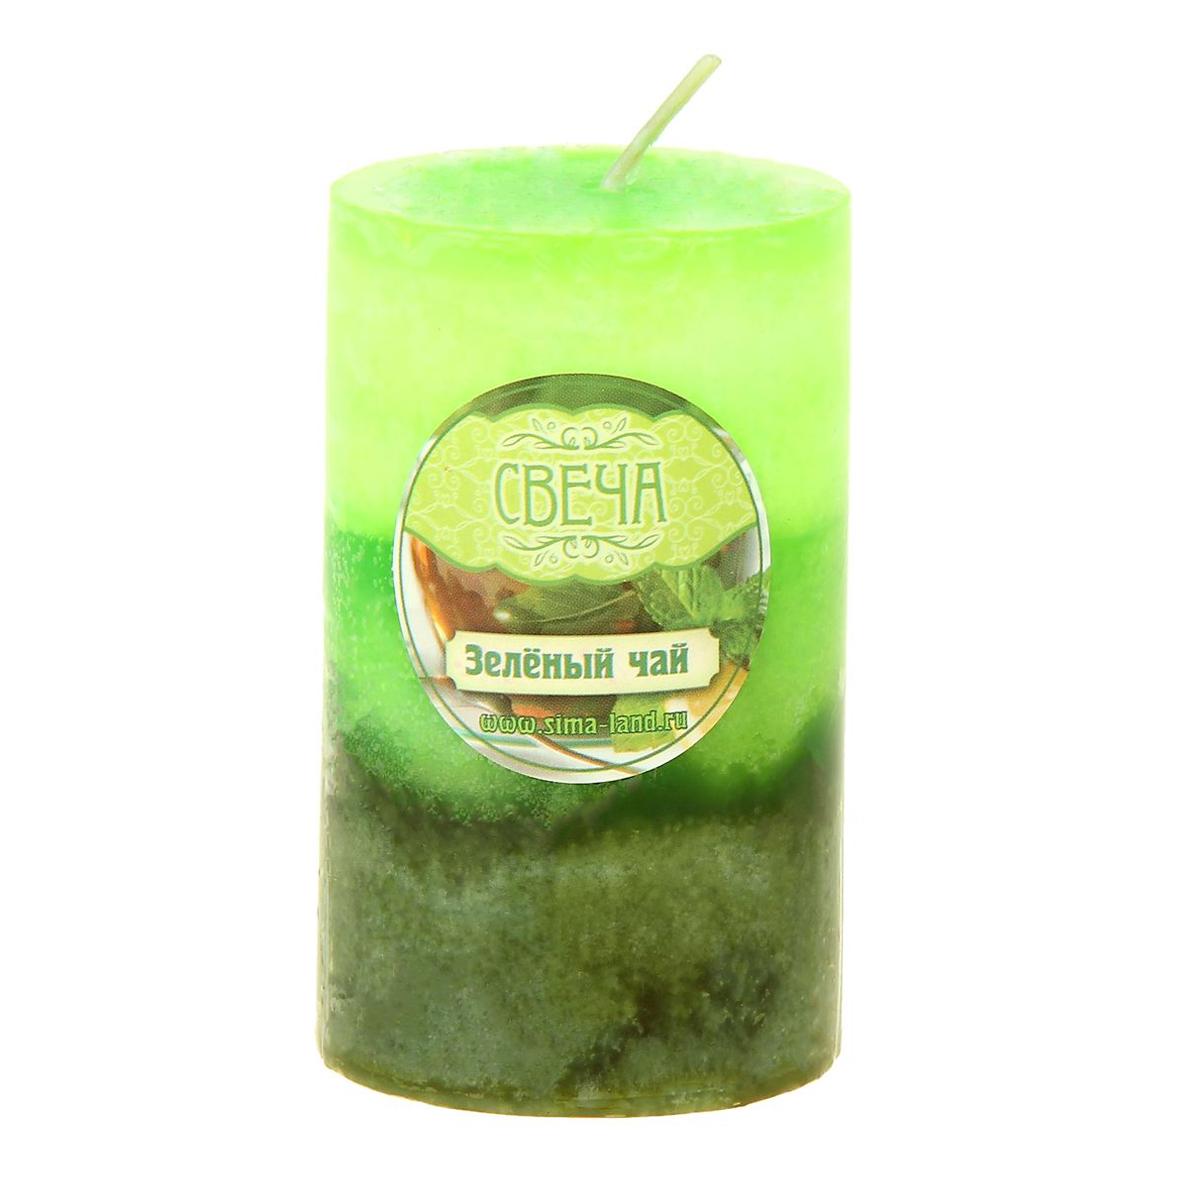 Свеча ароматизированная Sima-land Зеленый чай, высота 7,5 см849475Свеча Sima-land Зеленый чай выполнена из воска в виде столбика. Свеча порадует ярким дизайном и освежающим ароматом зеленого чая, который понравится как женщинам, так и мужчинам. Создайте для себя и своих близких незабываемую атмосферу праздника в доме. Ароматическая свеча Sima-land Зеленый чай раскрасит серые будни яркими красками.